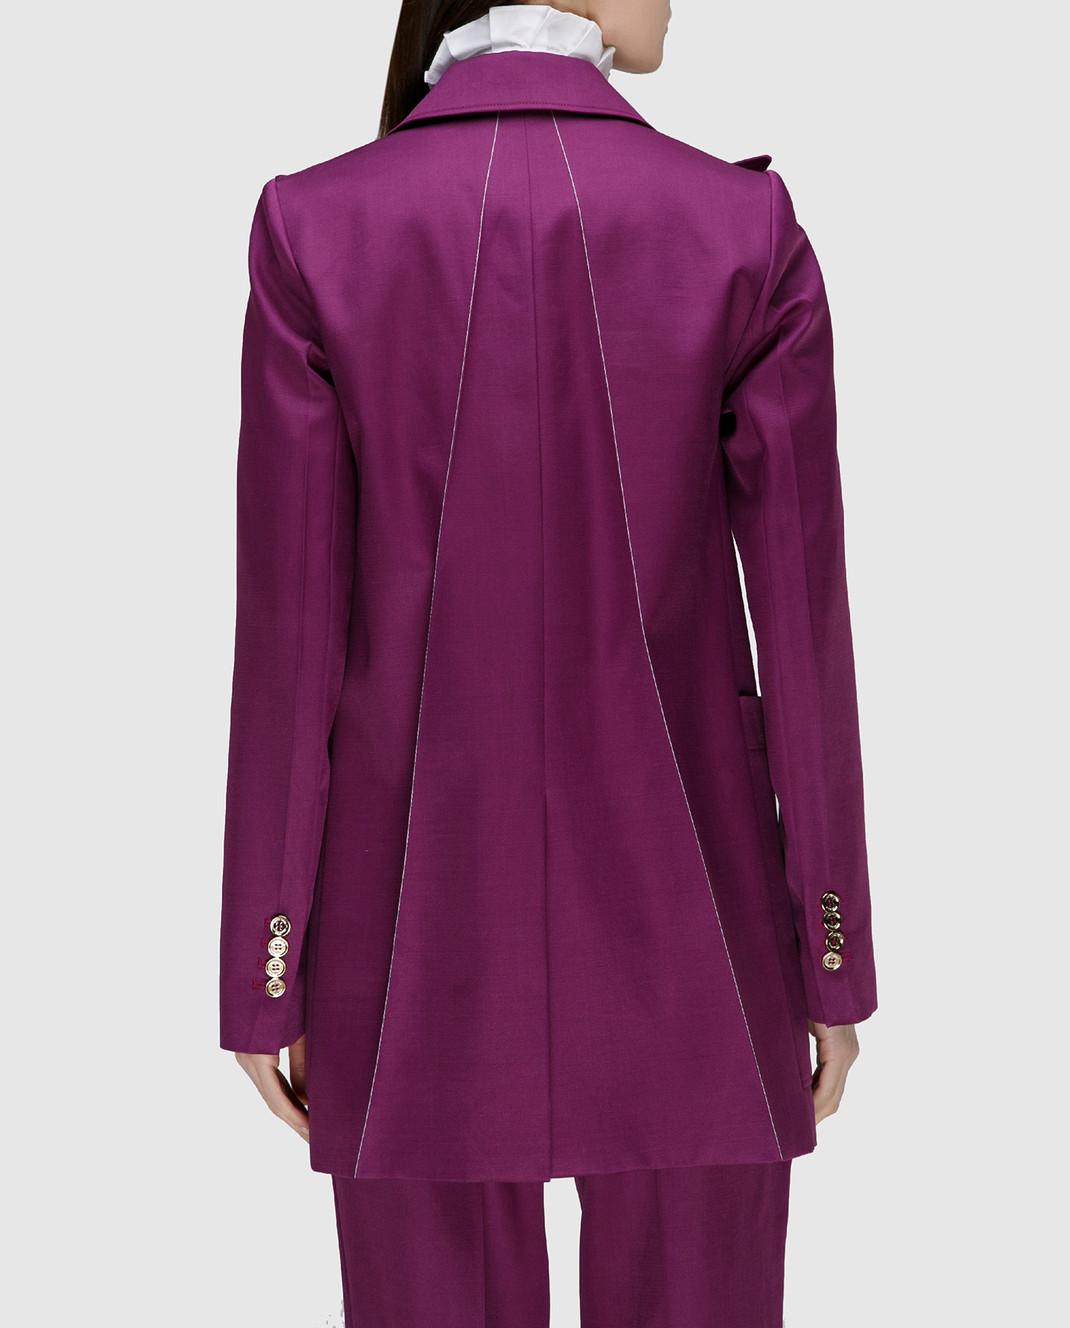 NINA RICCI Фиолетовый жакет из шерсти и шелка 17ECVE017WV0212 изображение 4